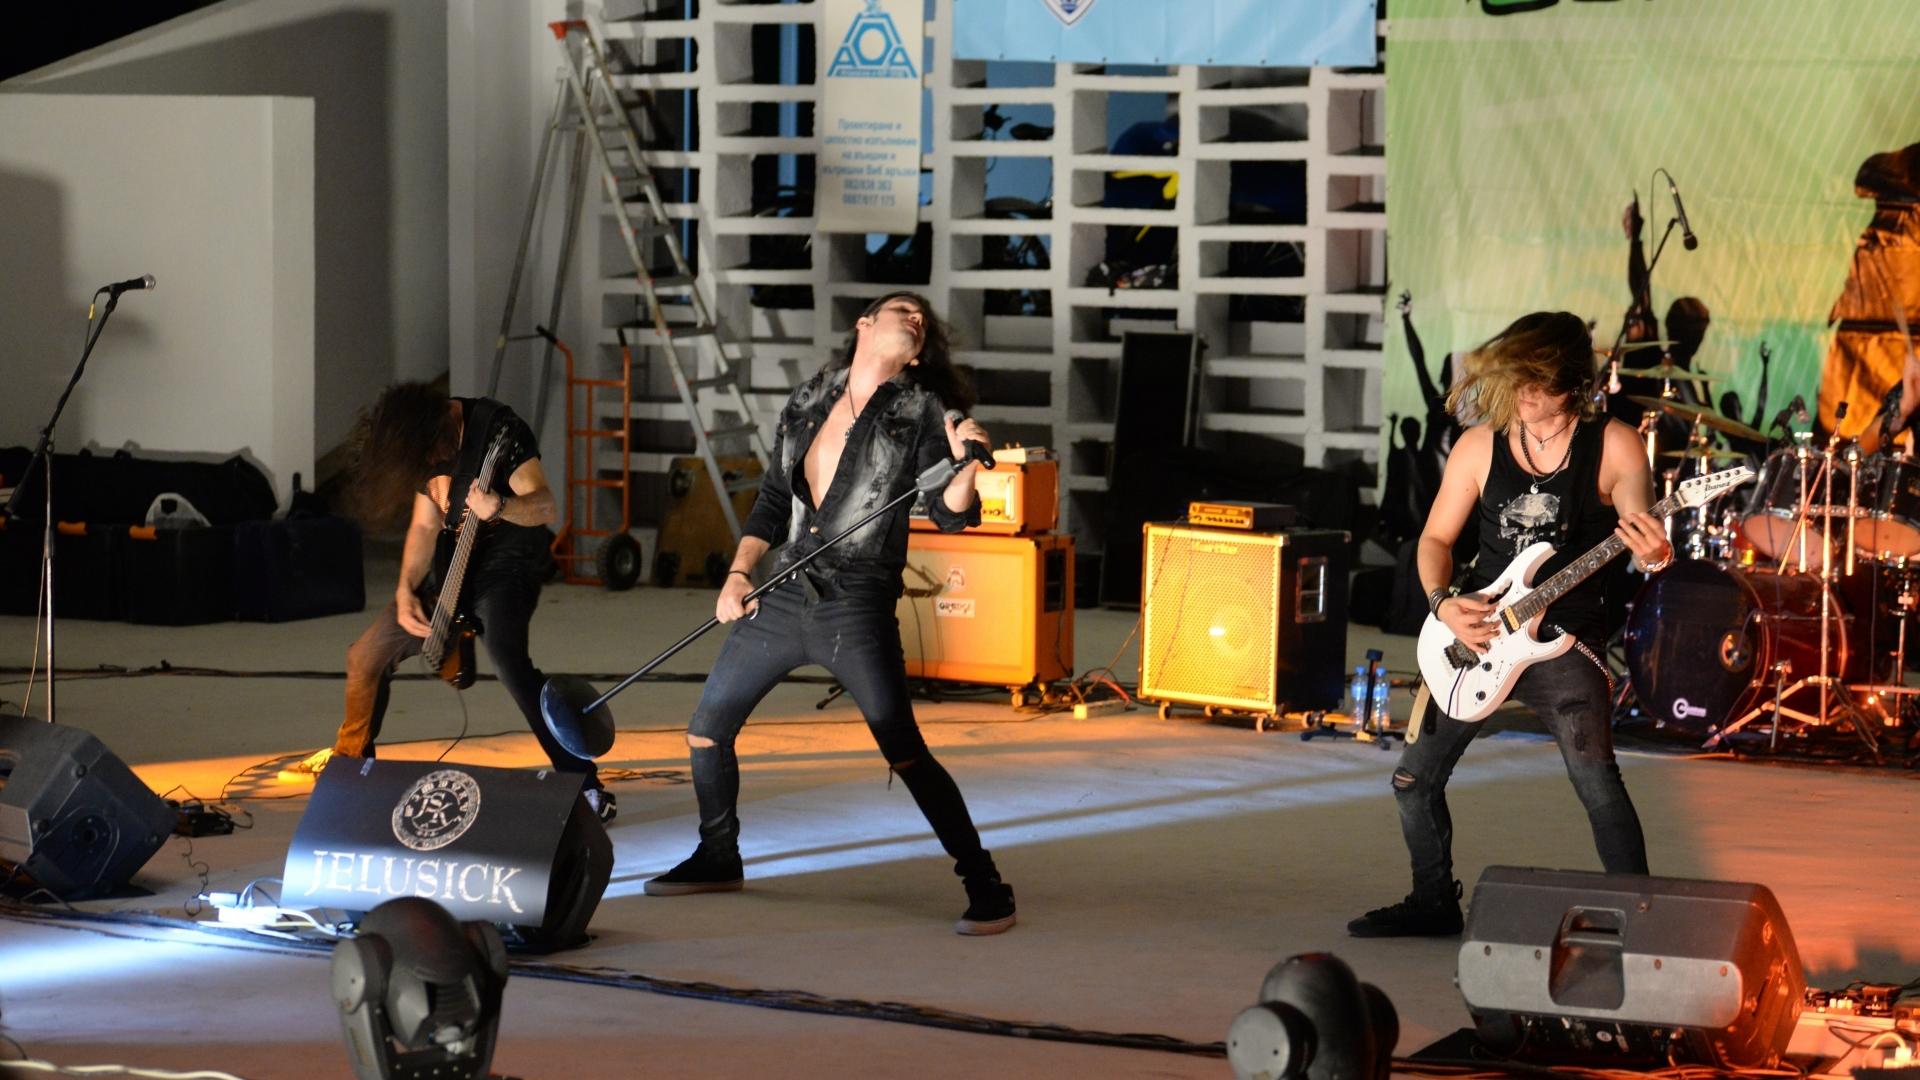 Грийн рок концертът събра стотици фенове на рока